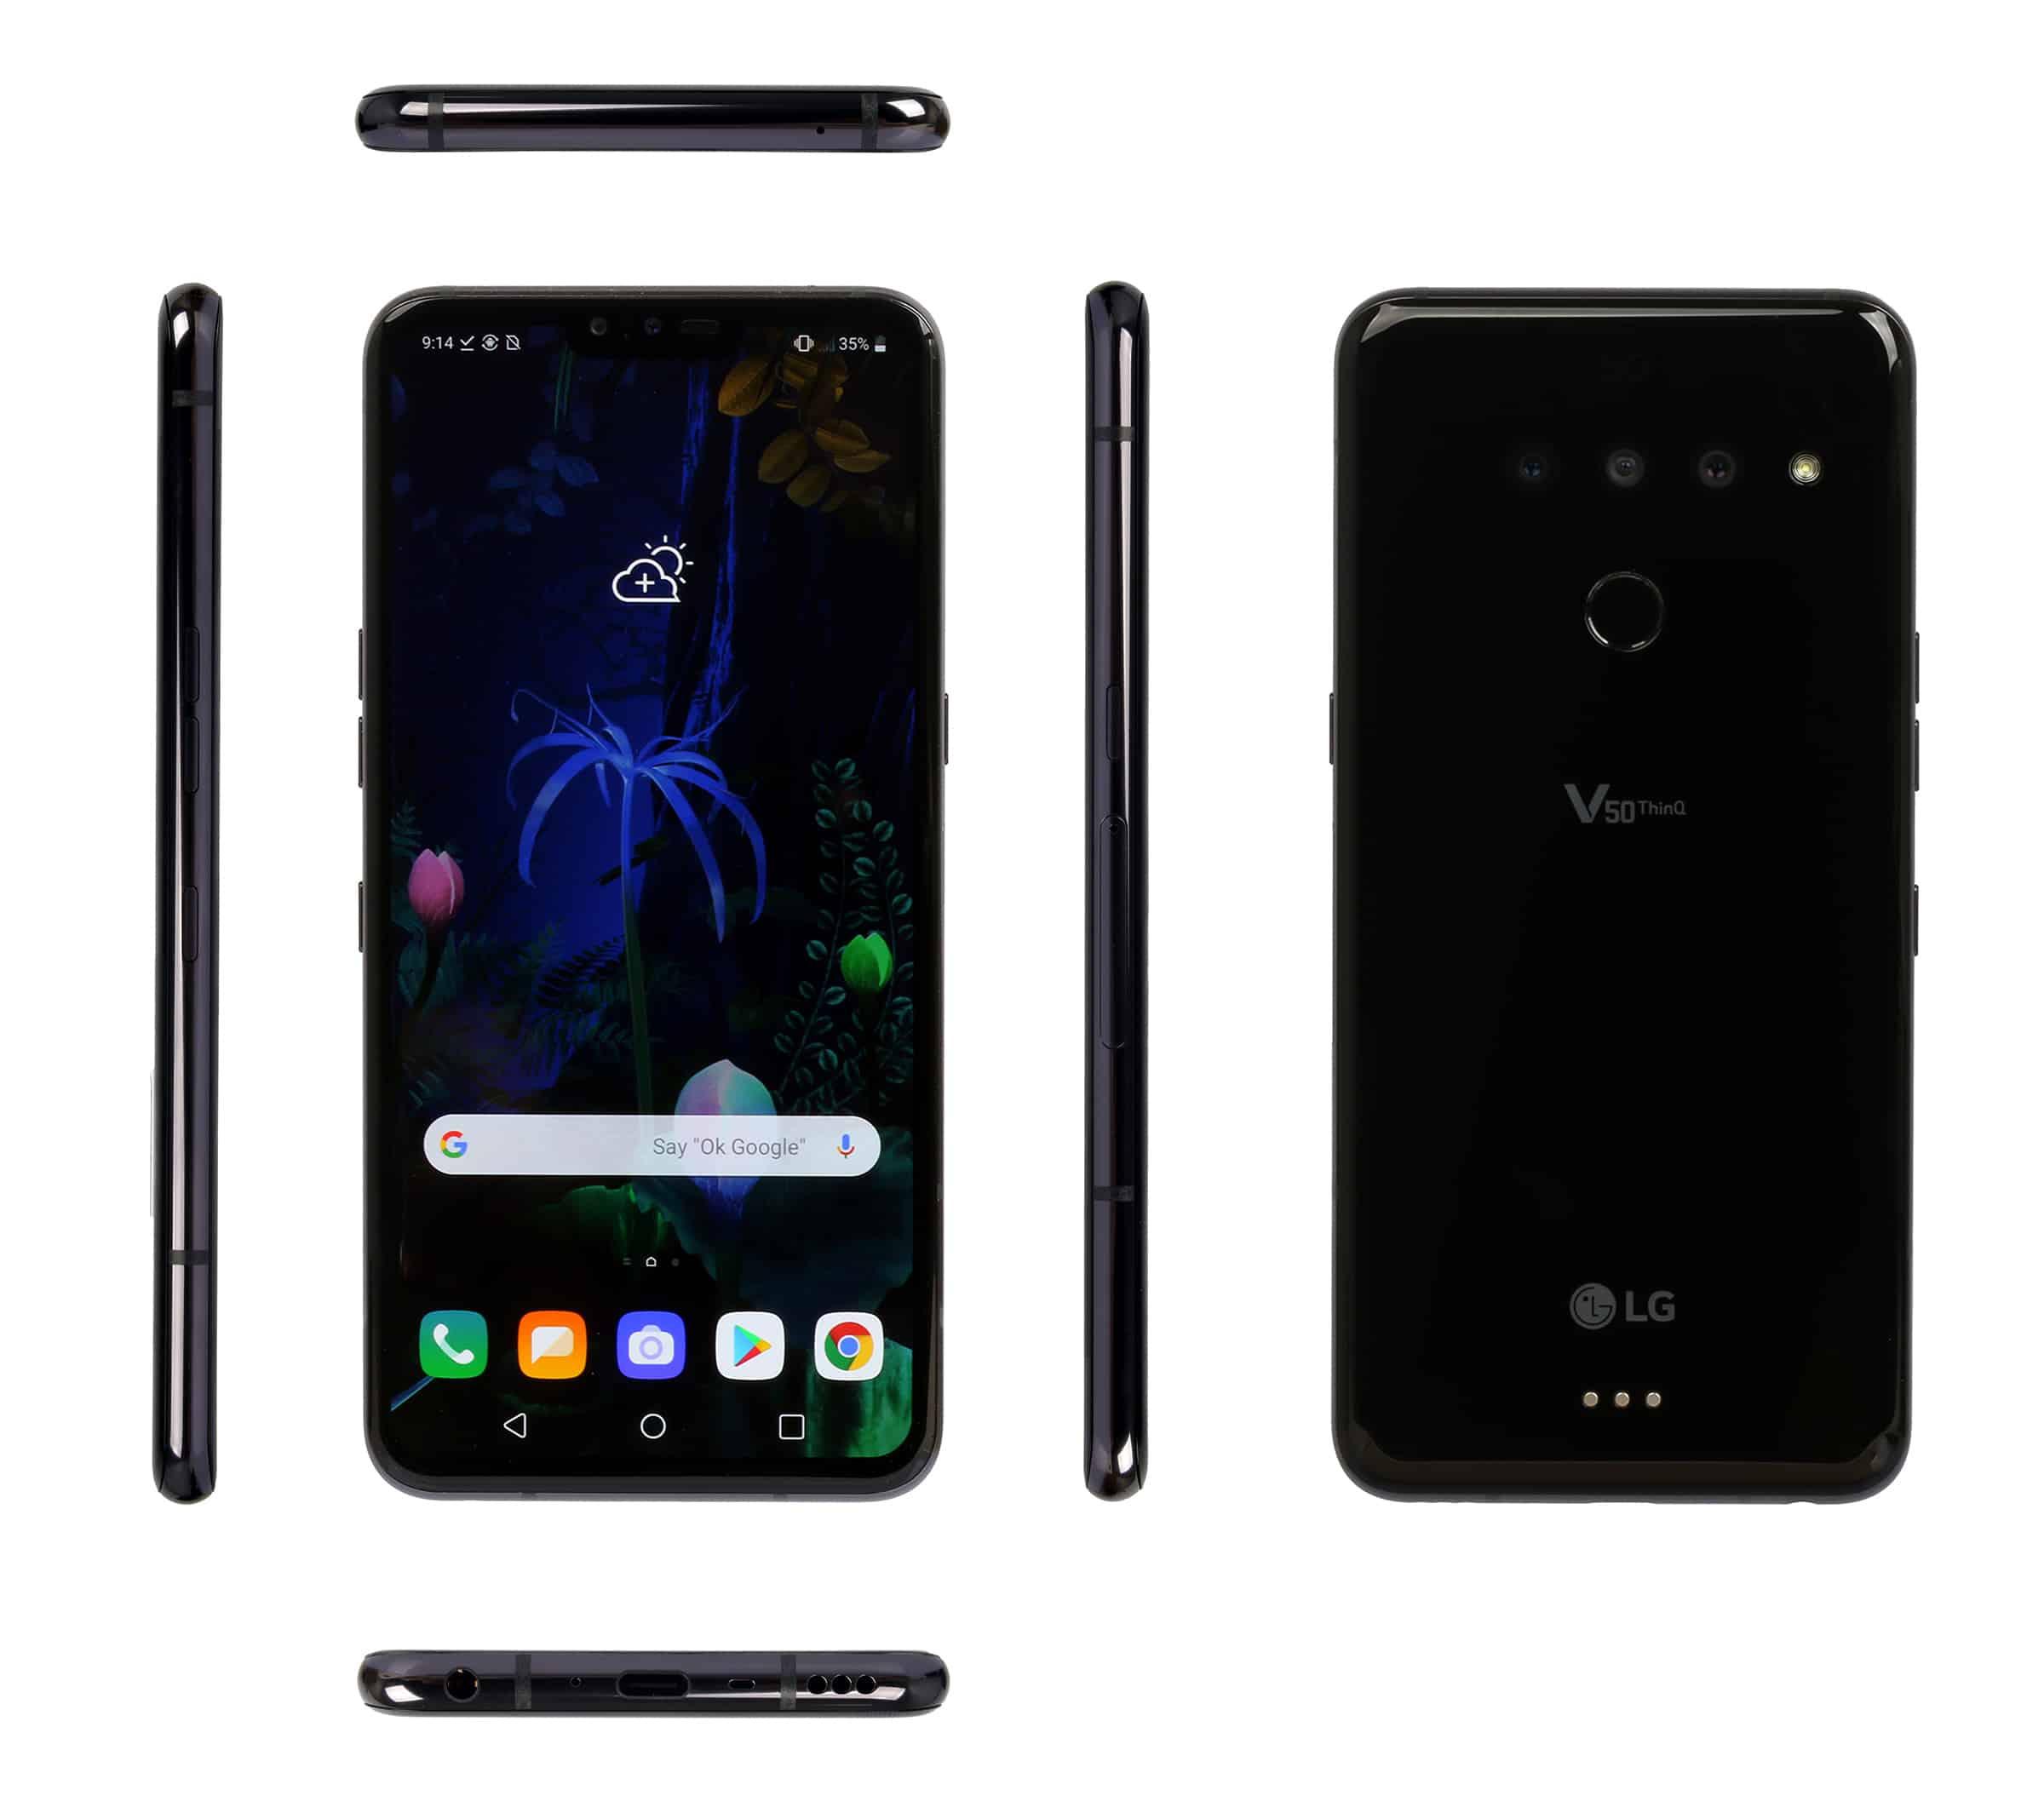 LG V50 ThinQ 5G smartphone